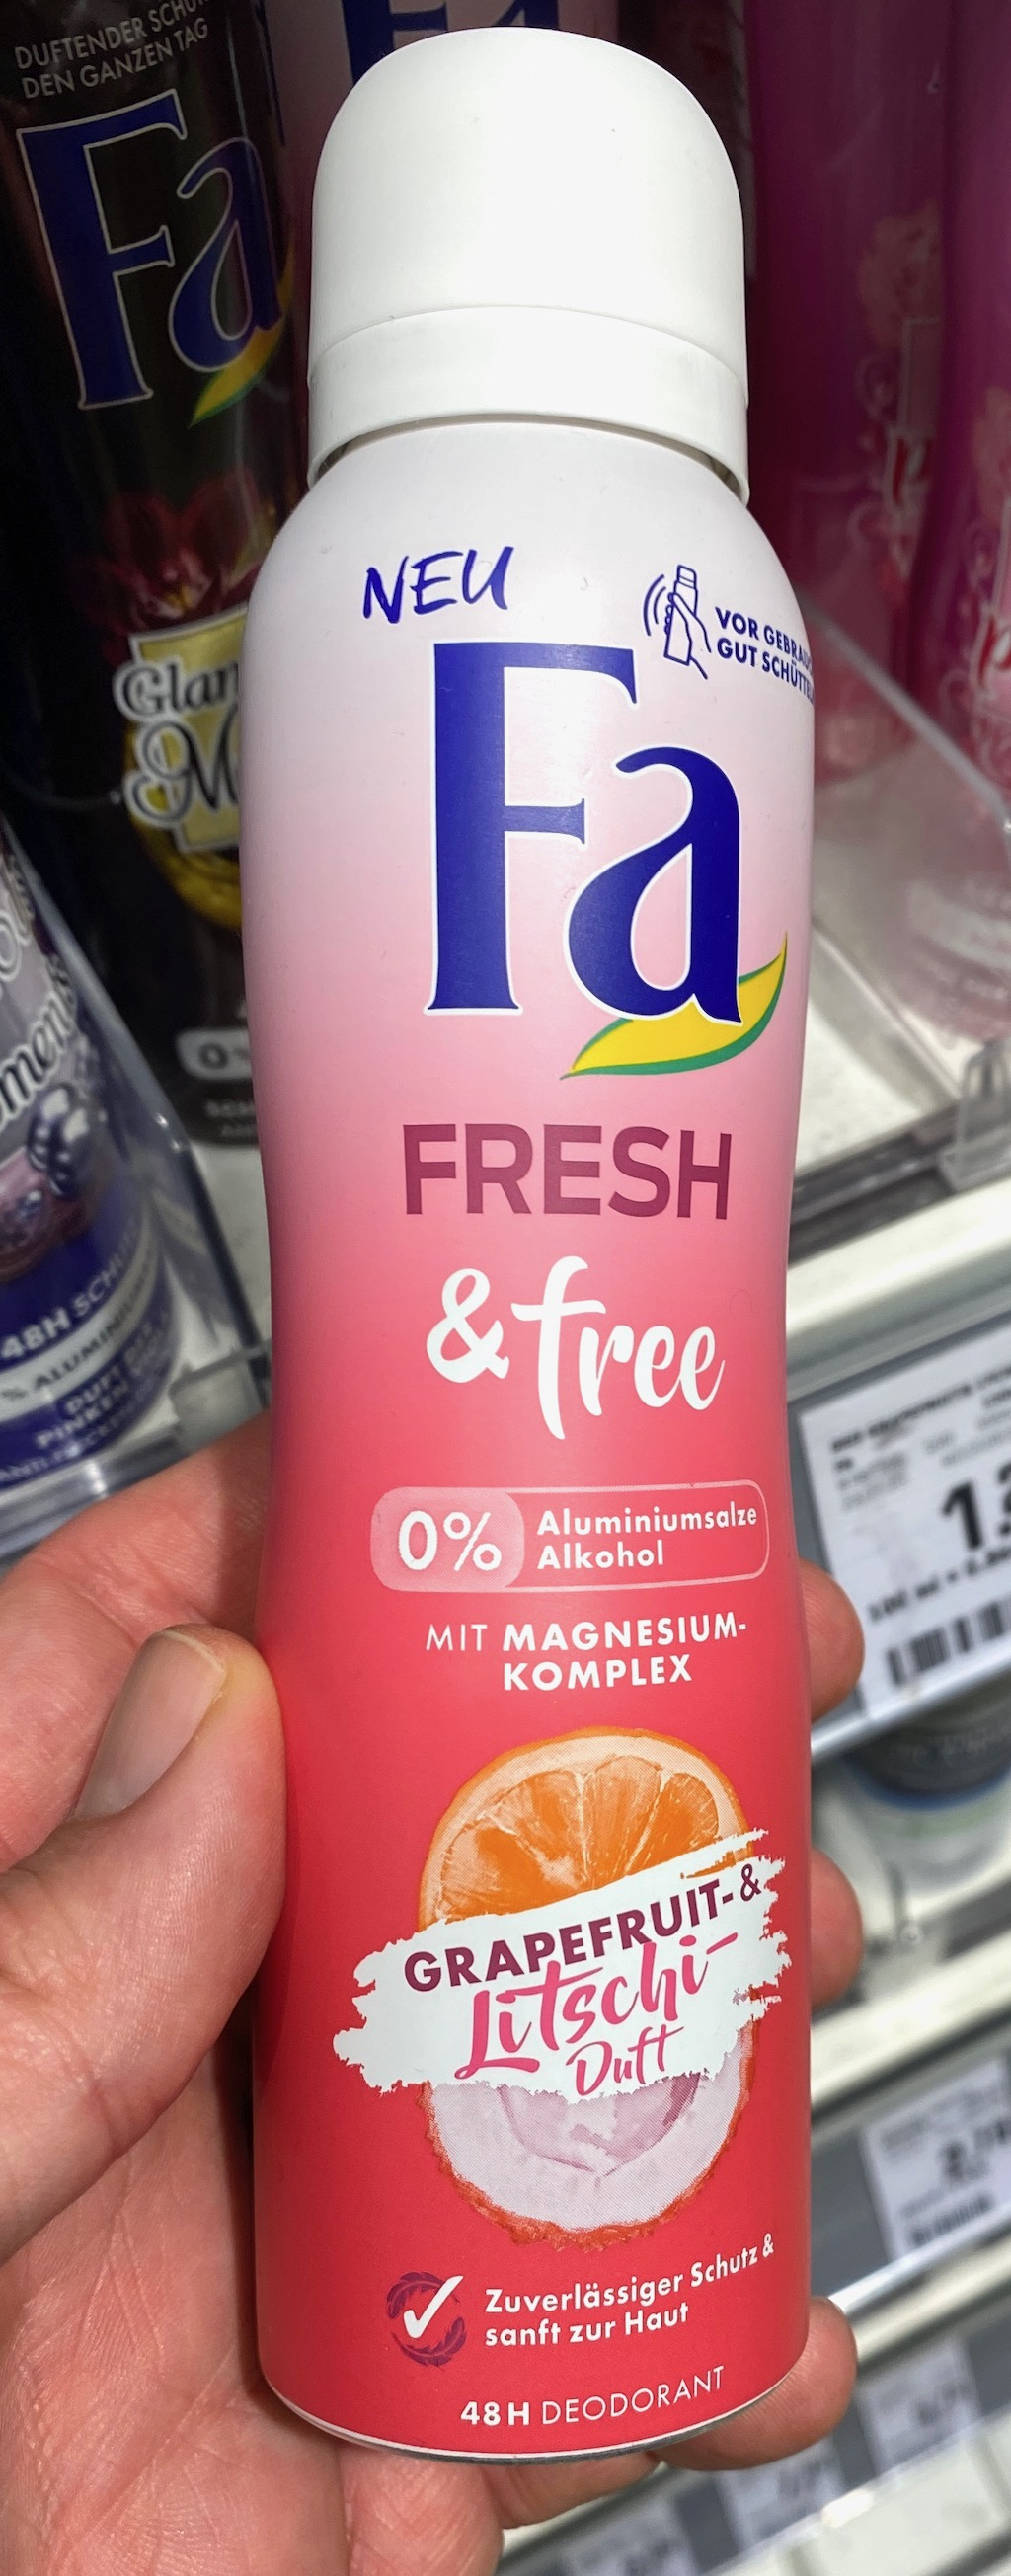 Fa Fresh+free Deodorant Grapefruit+Litschi-Duft